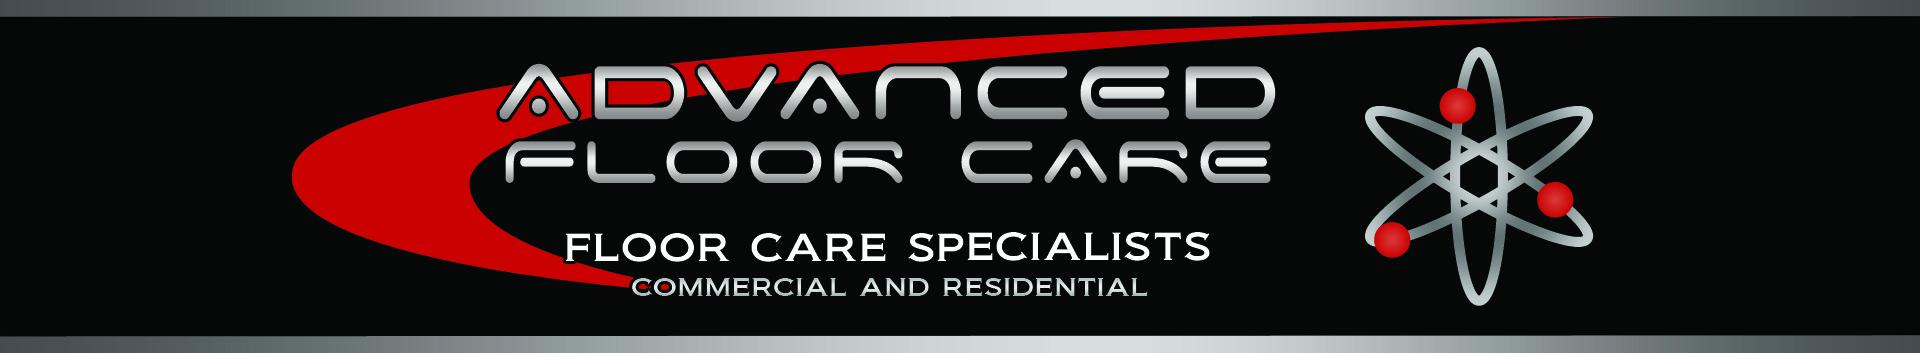 advanced-floor-care-webiste-banner.jpg